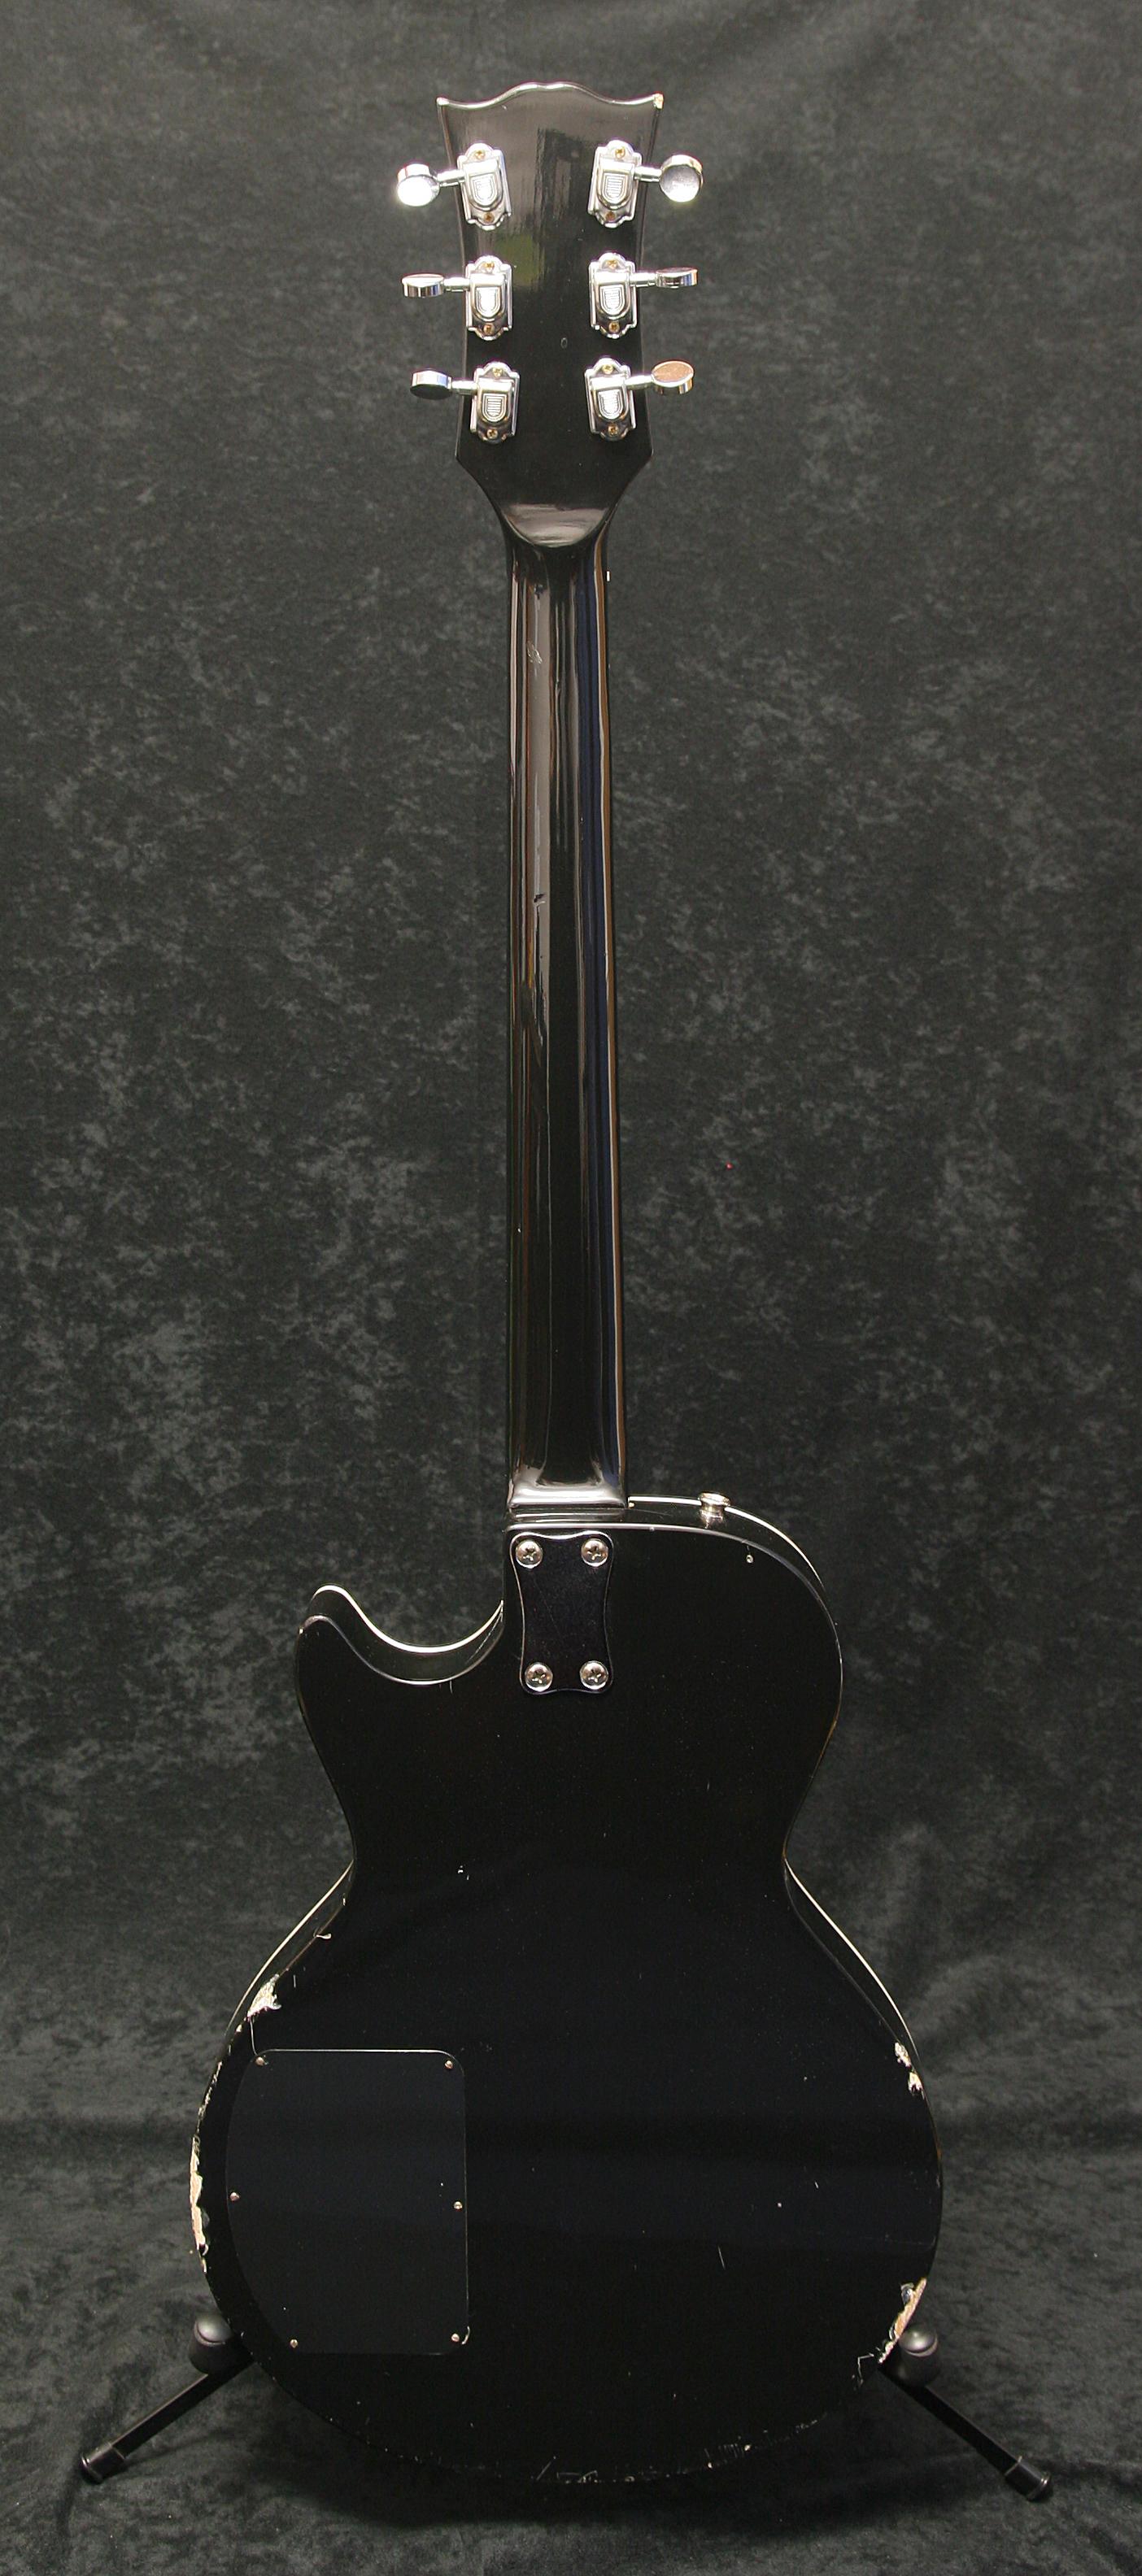 Ural Tonika EGS-650 - back - reforgedguitars.com